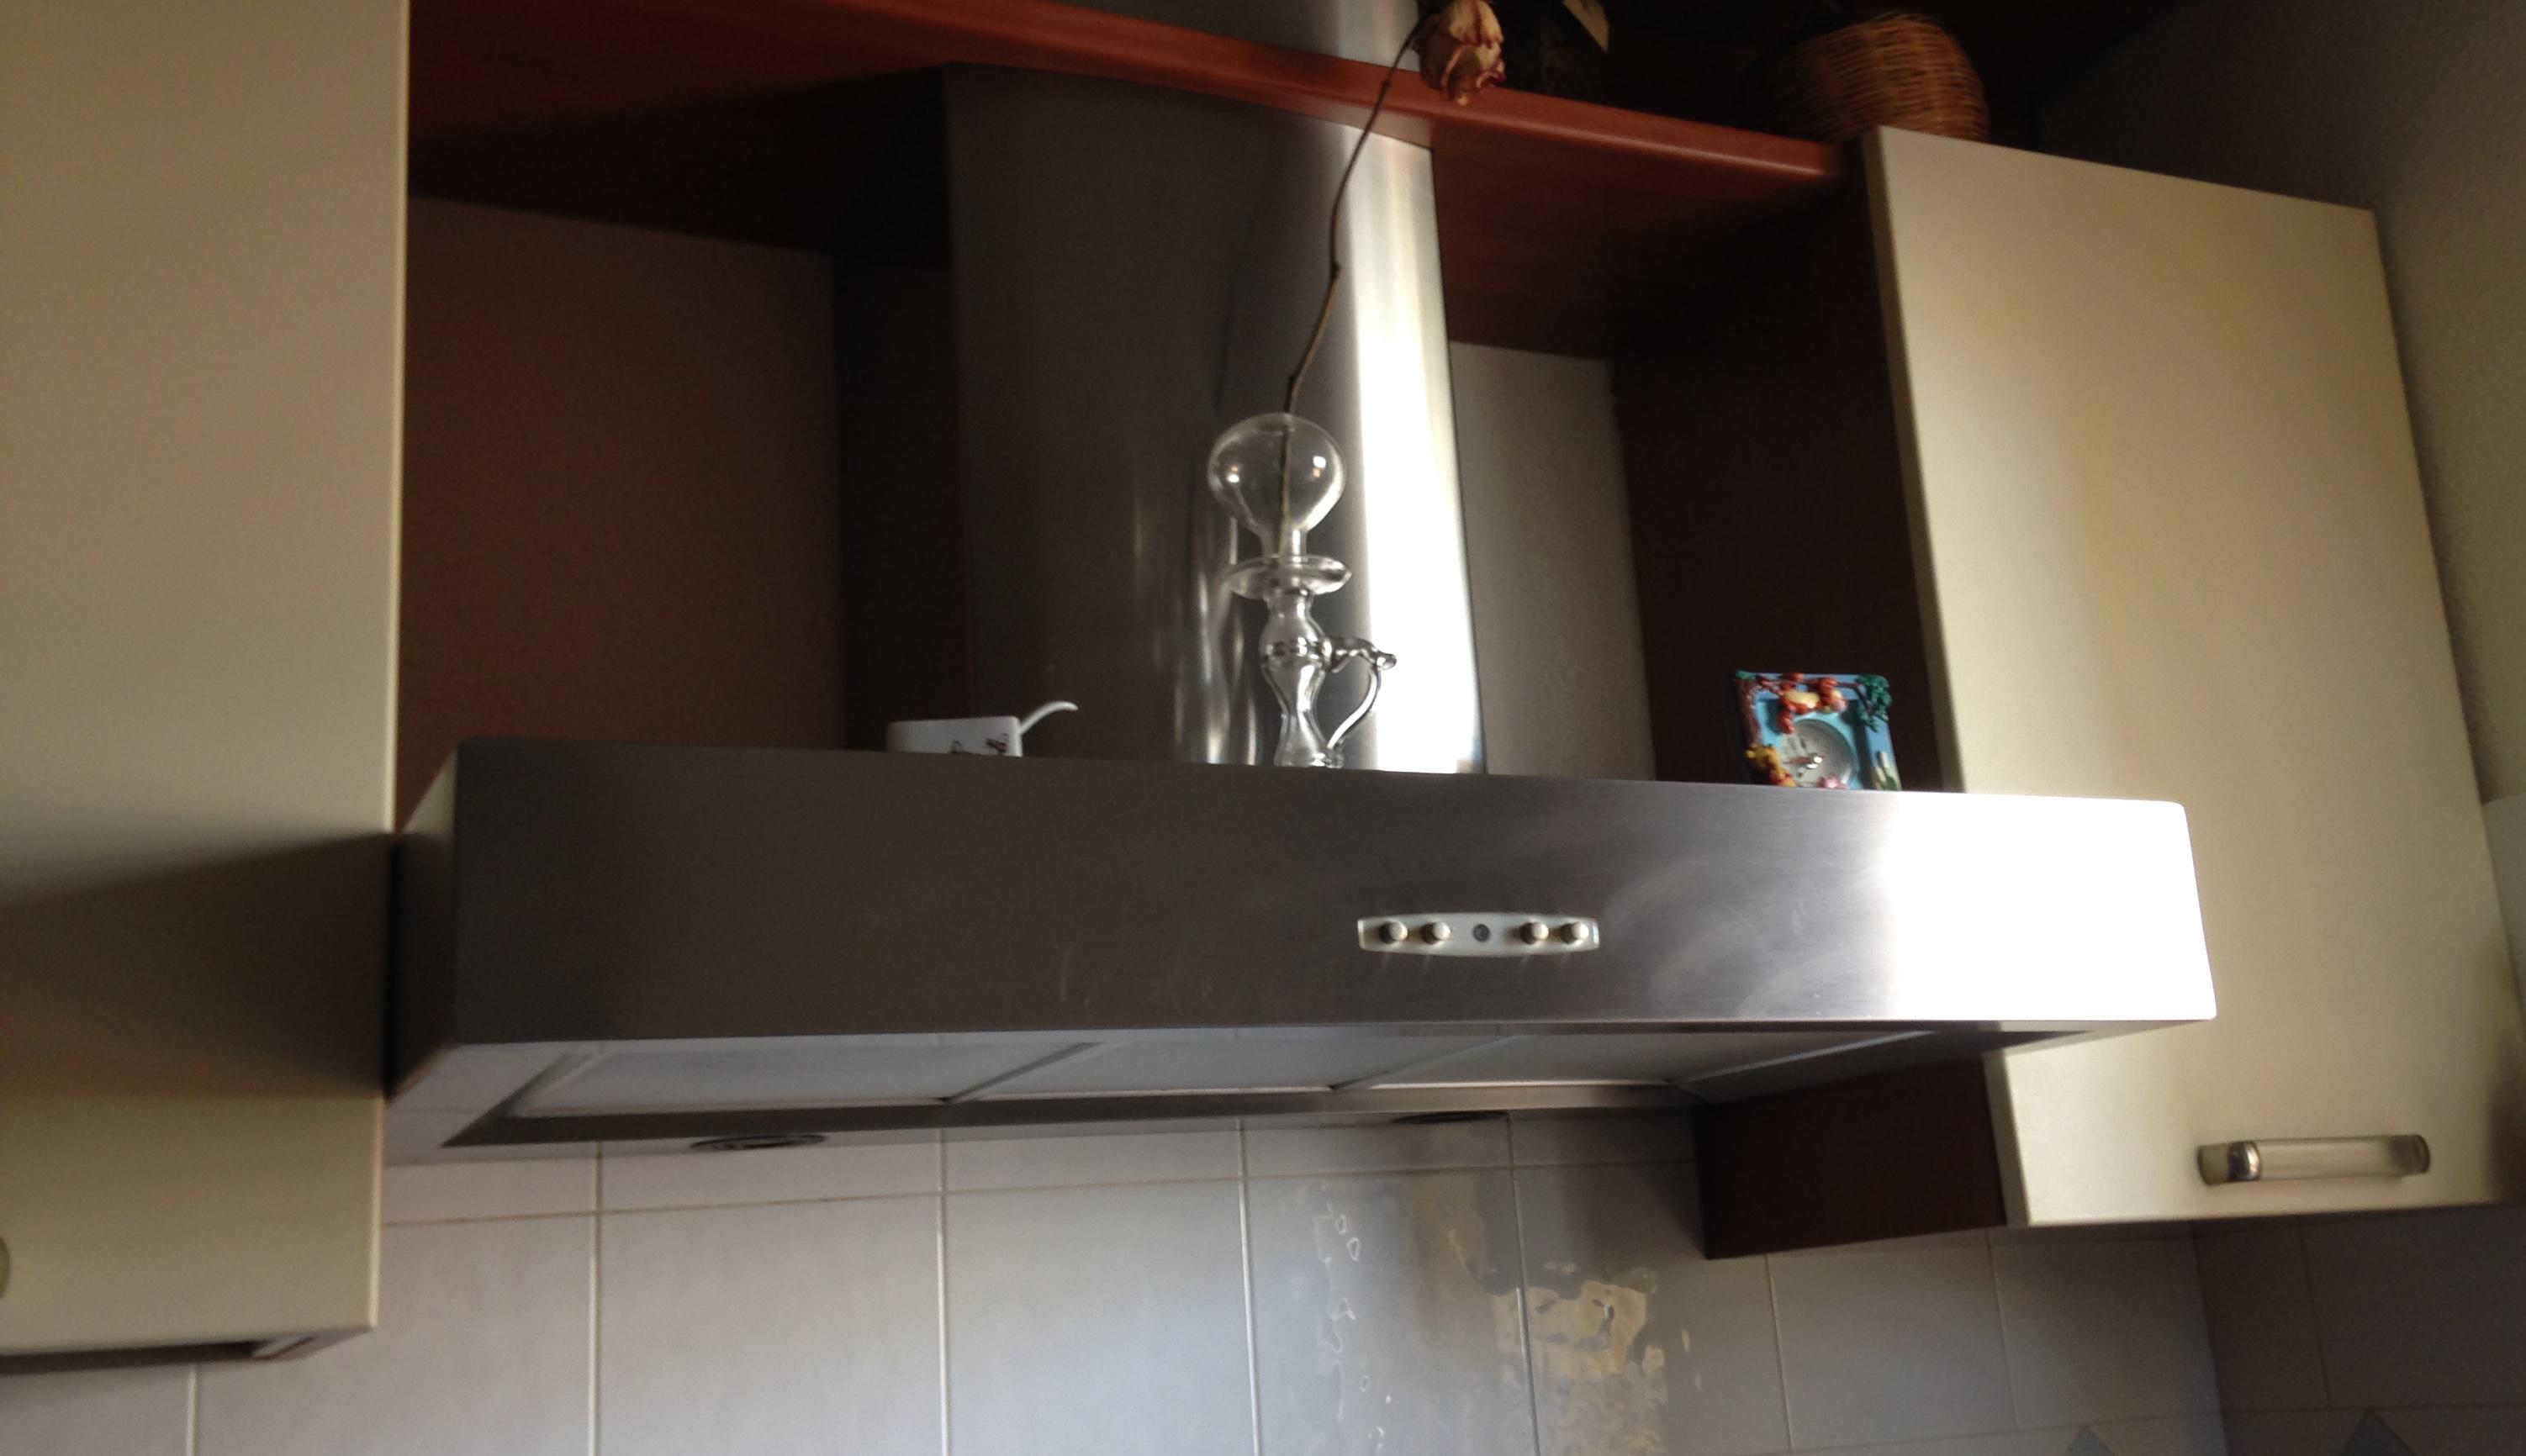 Aspirazione cappa cucina idee creative e innovative - Cappa cucina nera ...